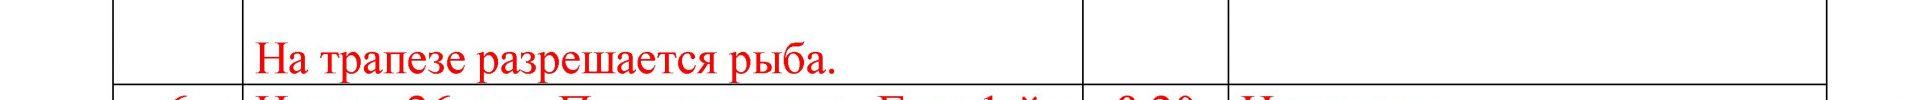 Расписание богослужений Преображенского храма деревни Спас-Каменка на декабрь 2020 года